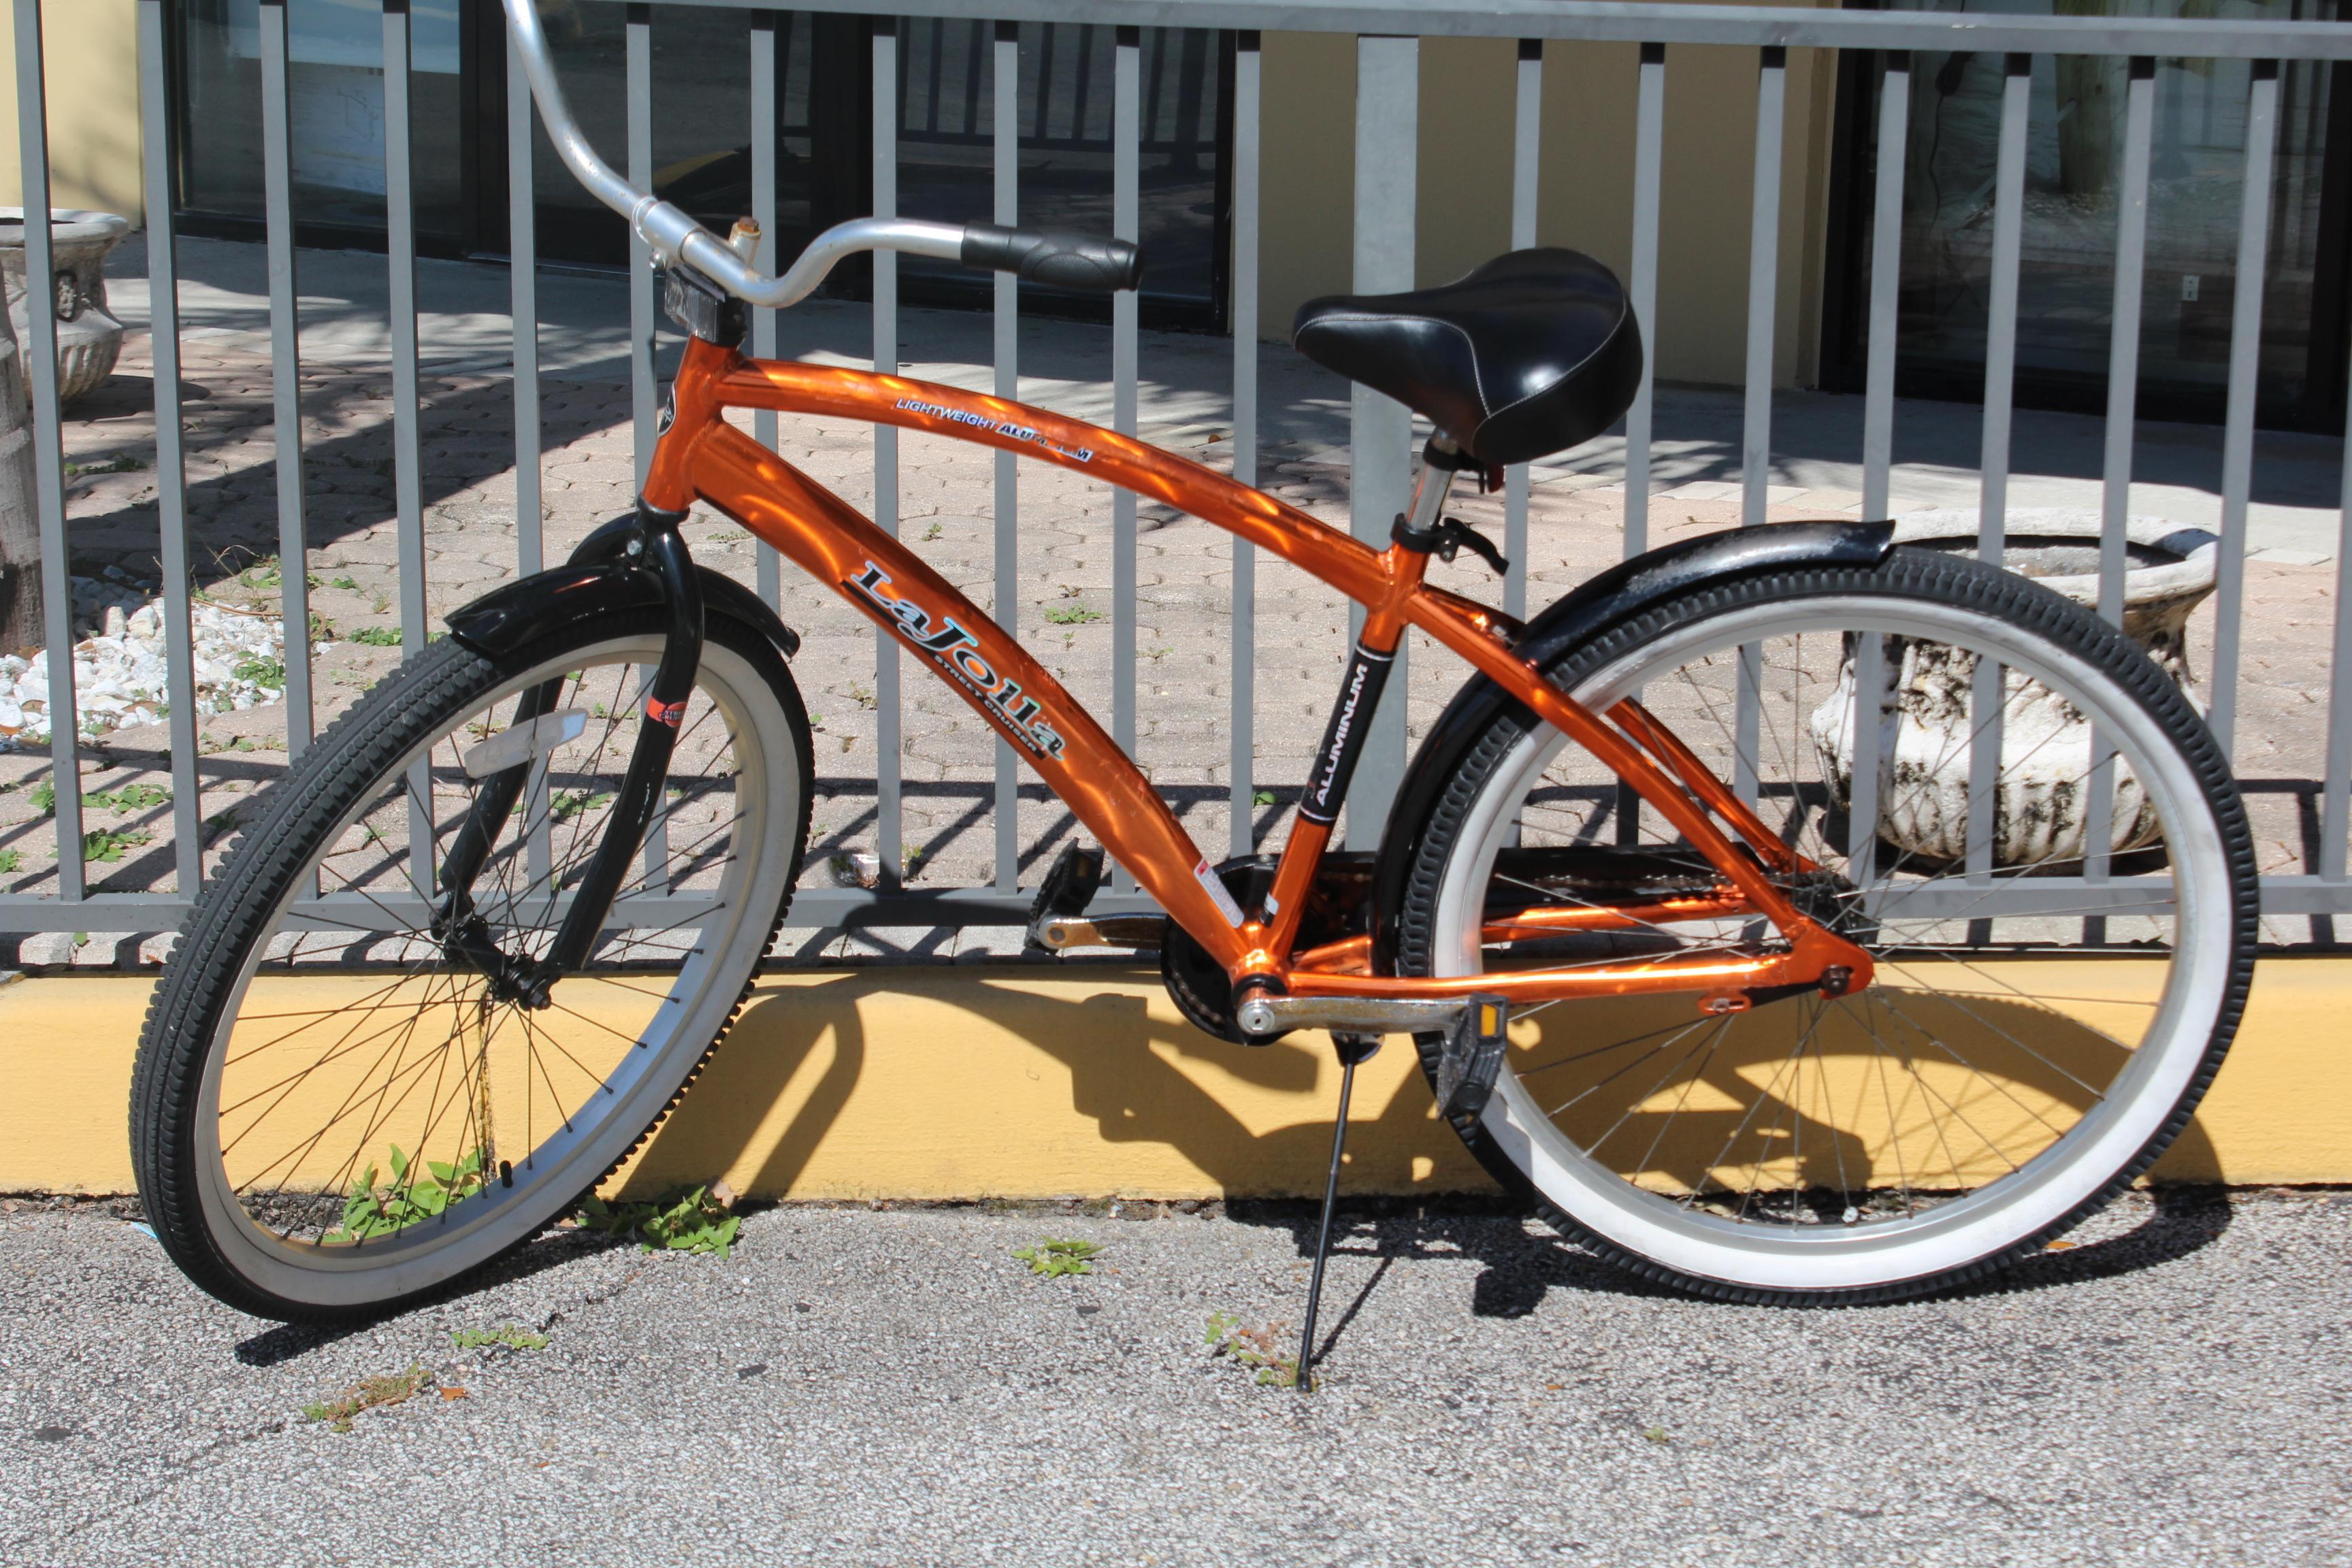 Lajolla Street Cruiser Orange Bicycle